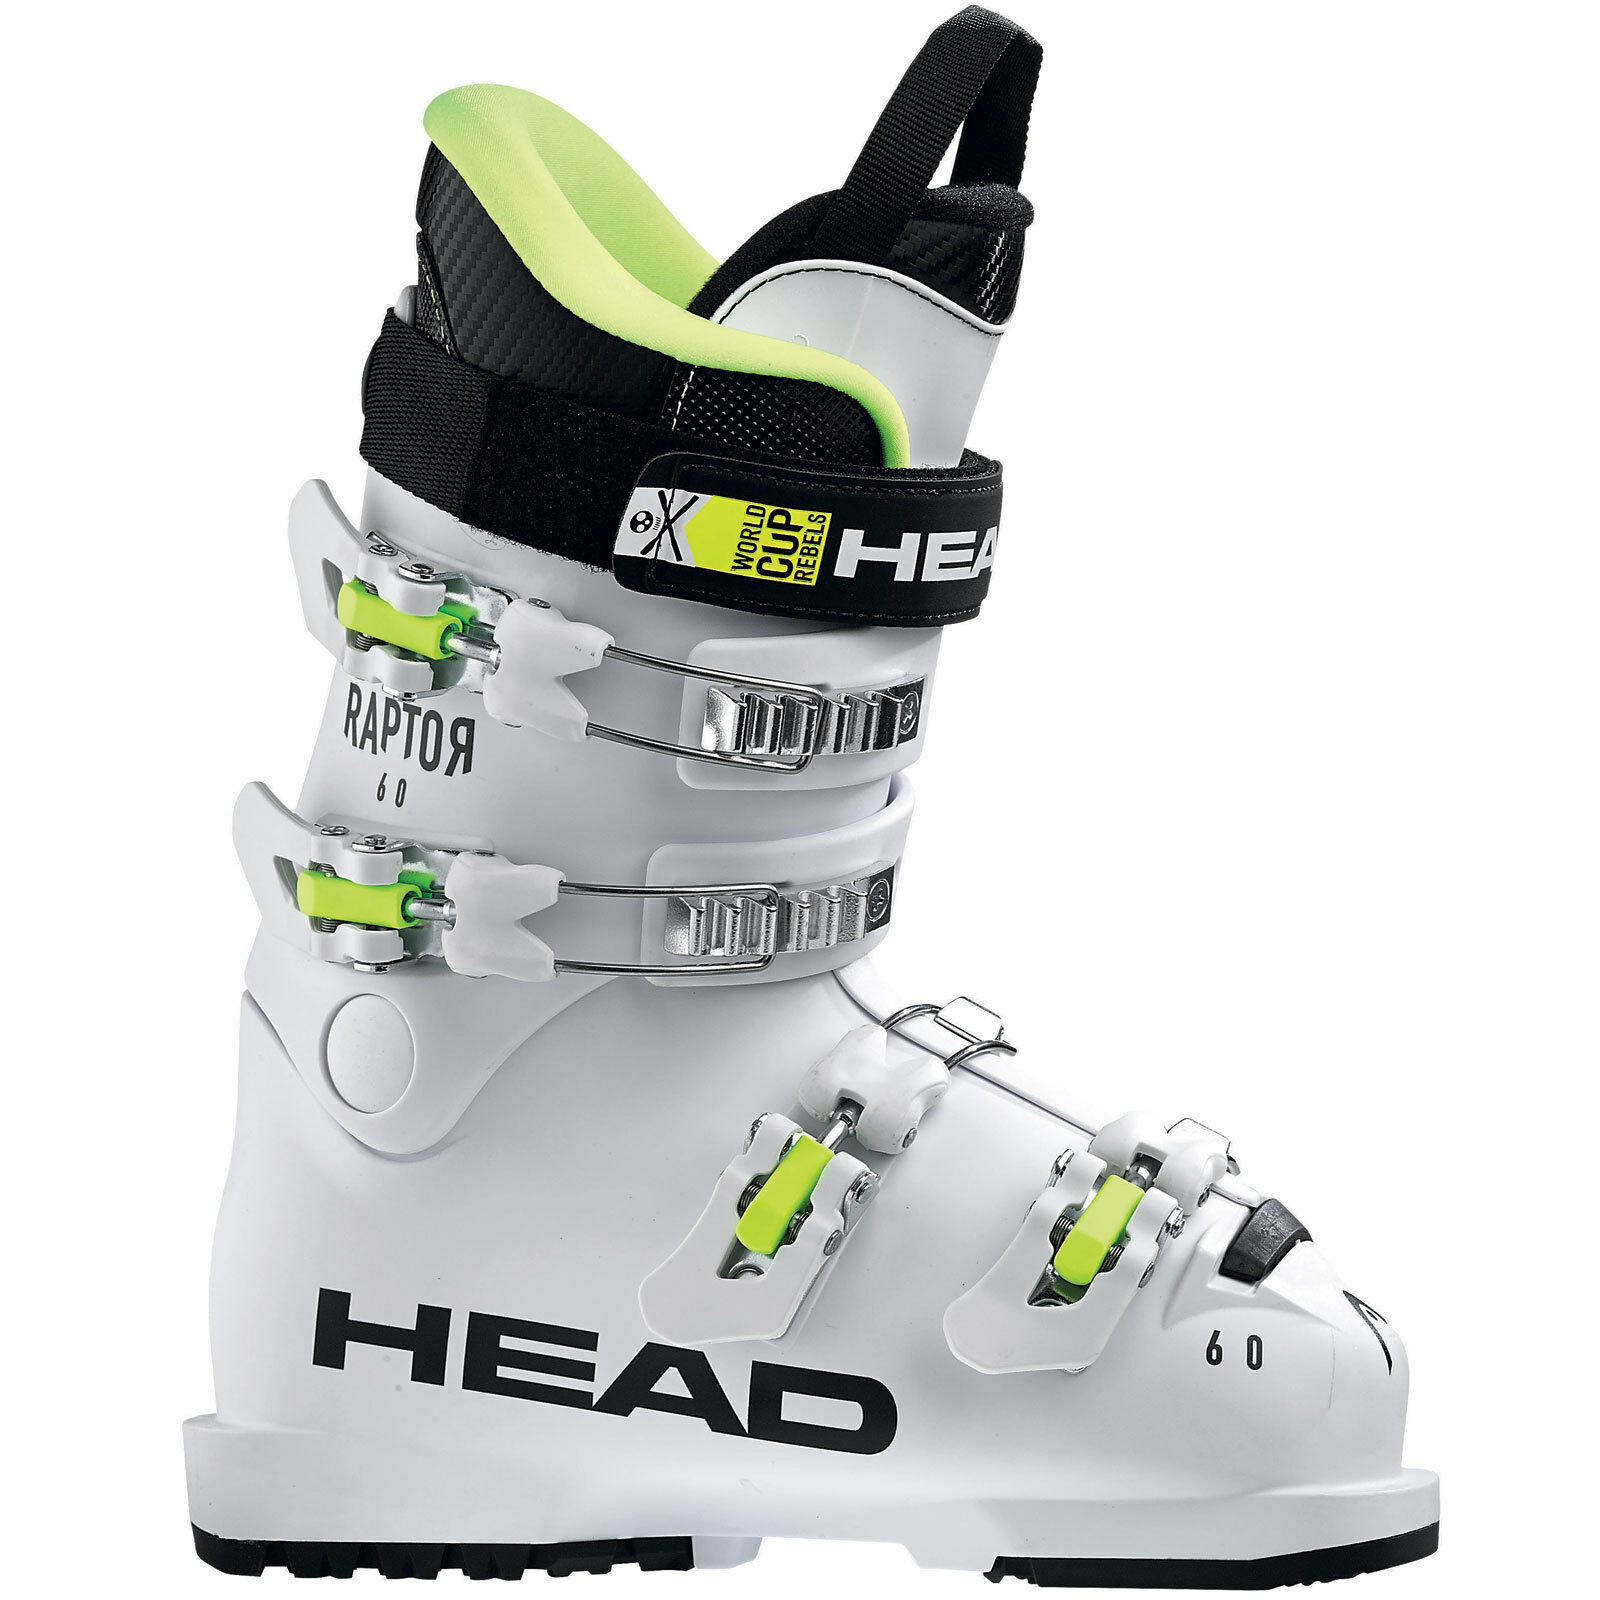 Head Raptor 60 Kinder-Skiboots Ski-Stiefel shoes Ski  shoes Ski Boots Ski Boots  shop online